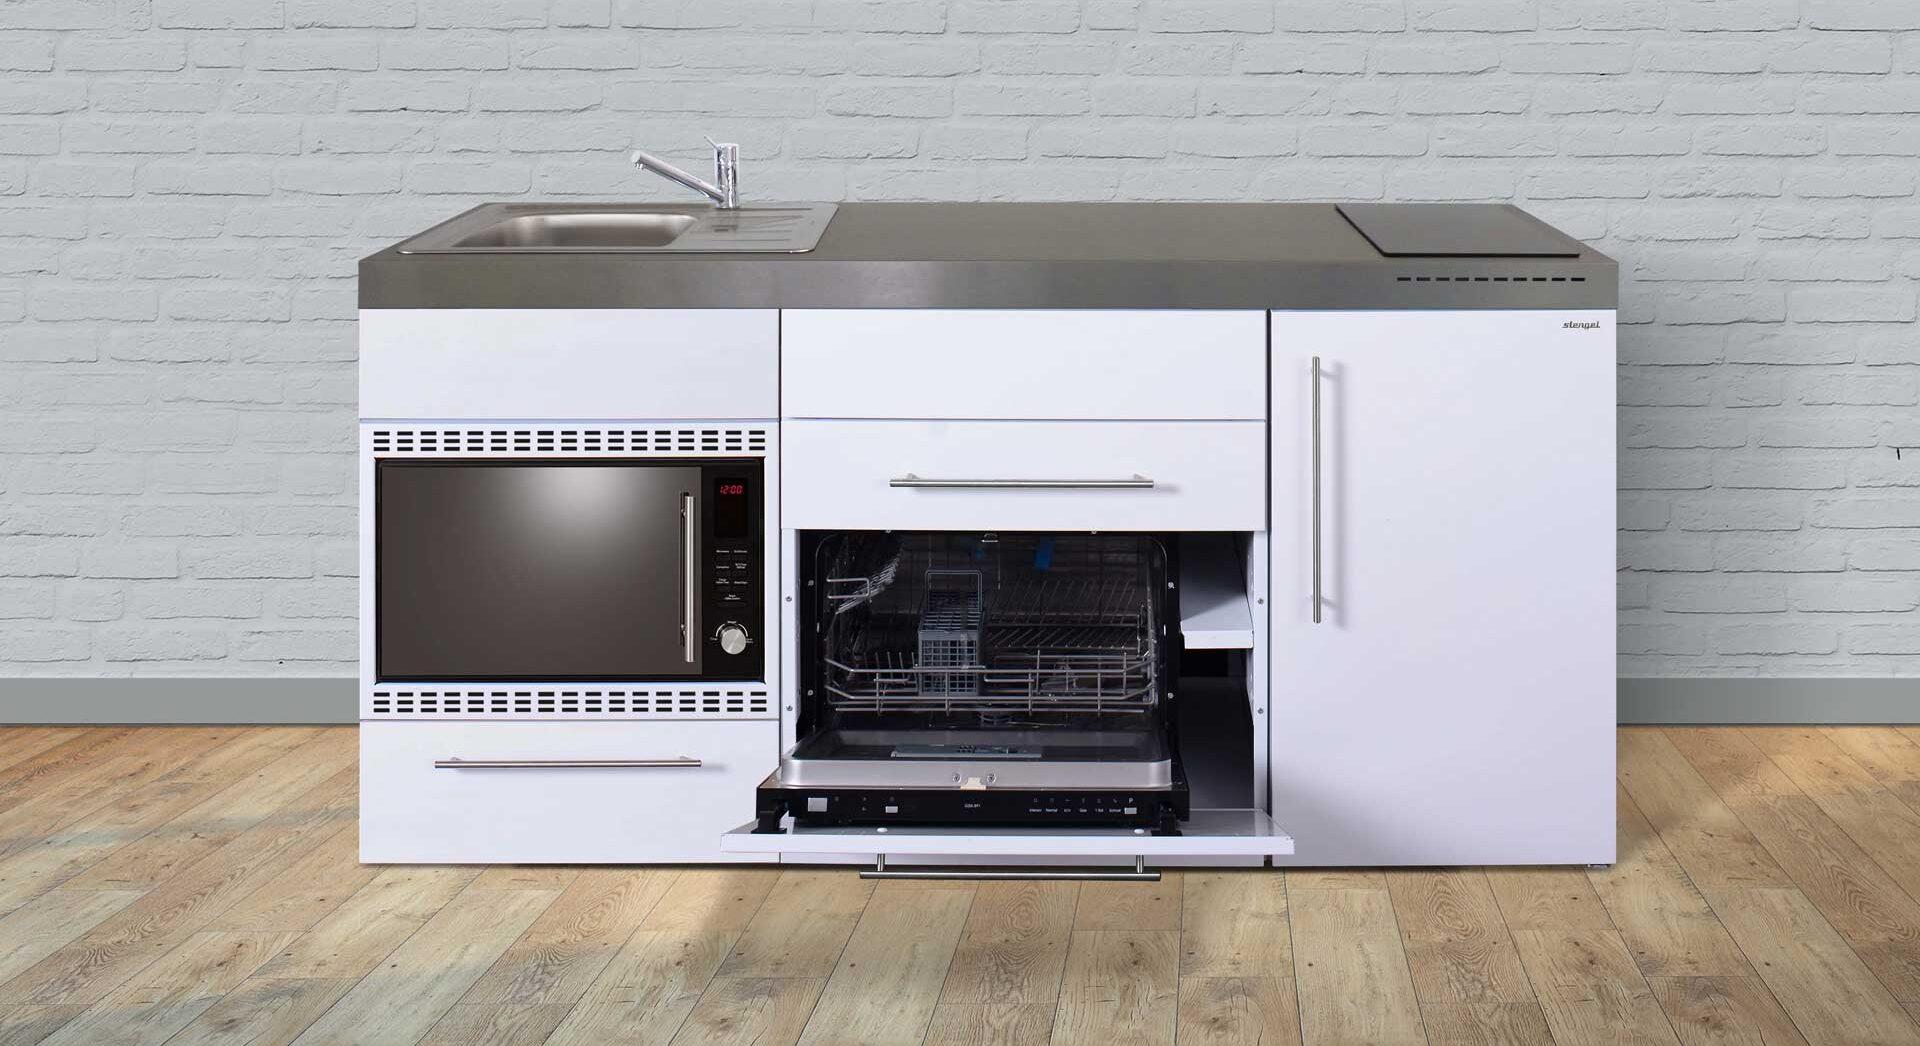 MPGSMOS 180 minikøkken / stålkøkken - lille klassisk køkken i rustfrit stål - se pris, produktinfo og tilvalg. 8 moderne farver. Tilbud og pris hos Kimbrer Lines, Røjbækvej 3, 9640 Farsø, tlf. 25126789